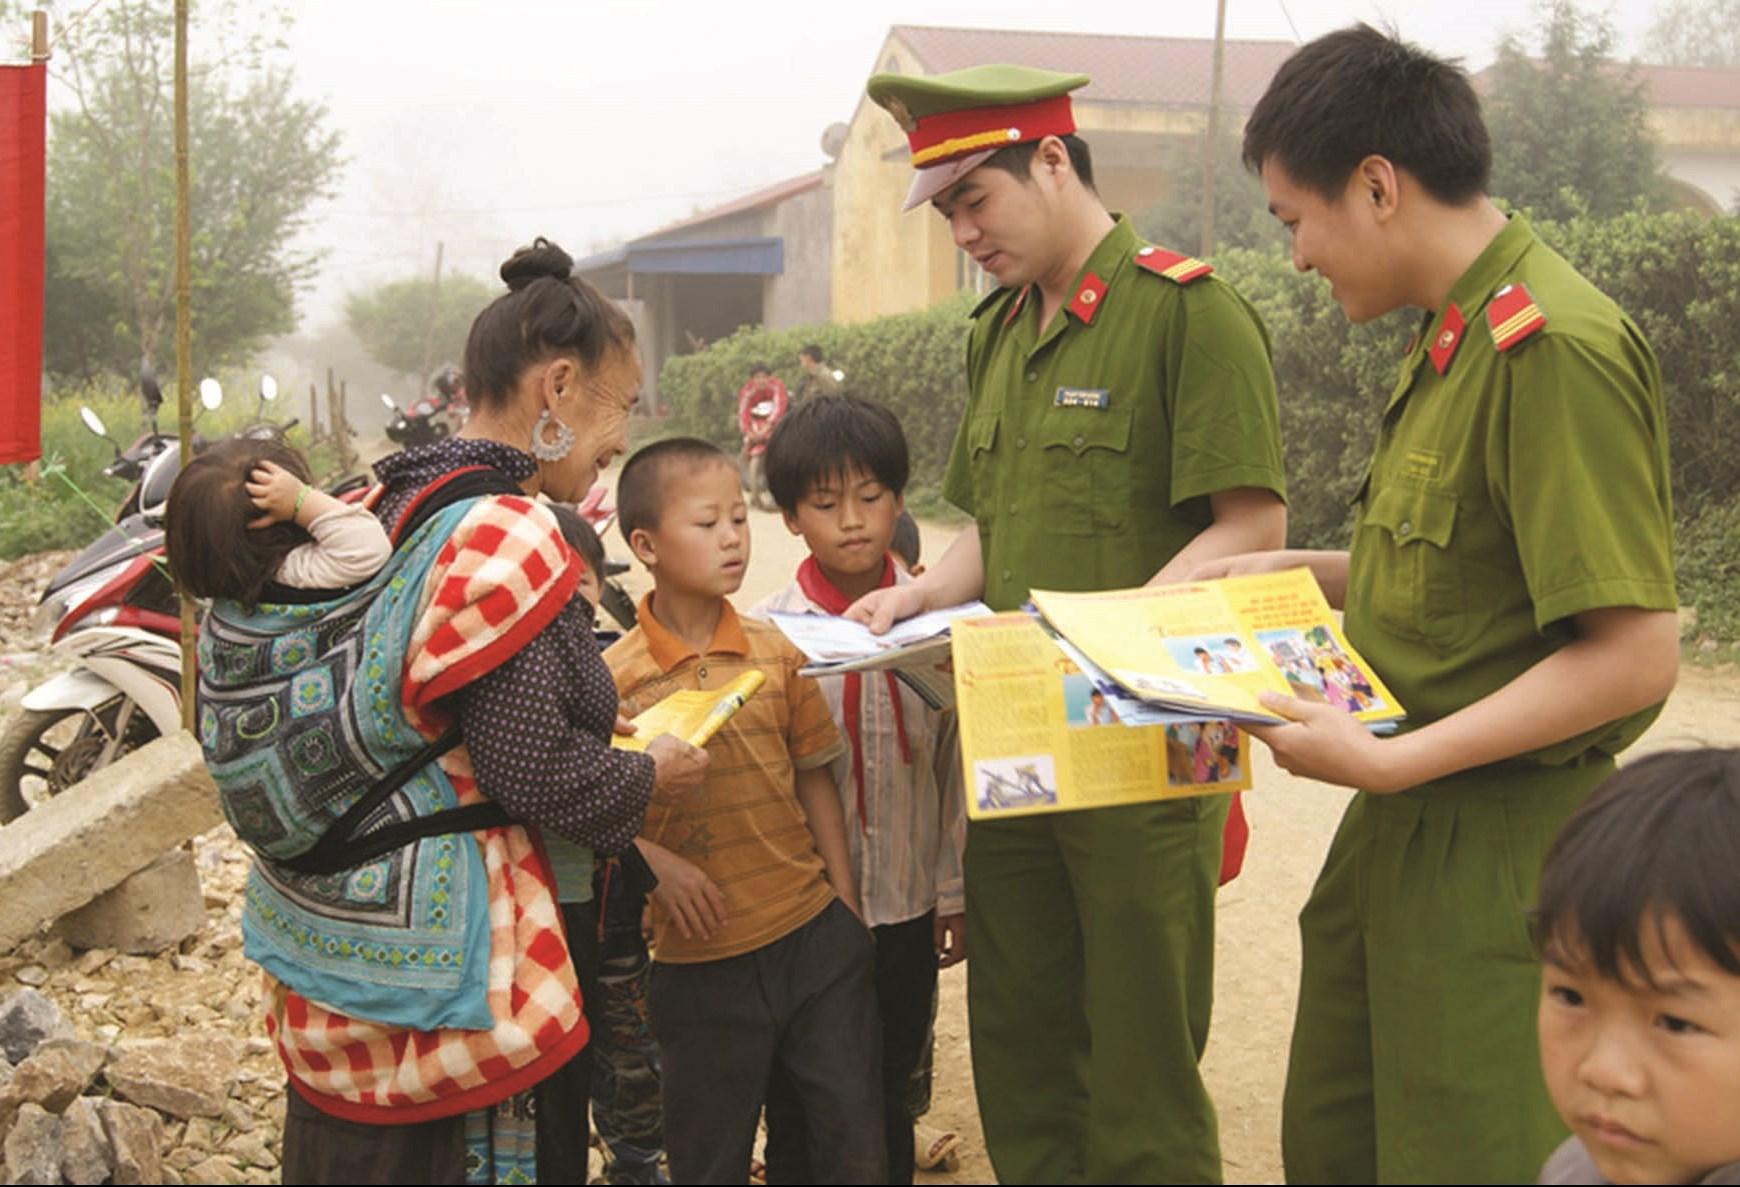 Lực lượng Công an thường xuyên bám địa bàn, phát tờ rơi tuyên truyền pháp luật tới bà con đồng bào DTTS